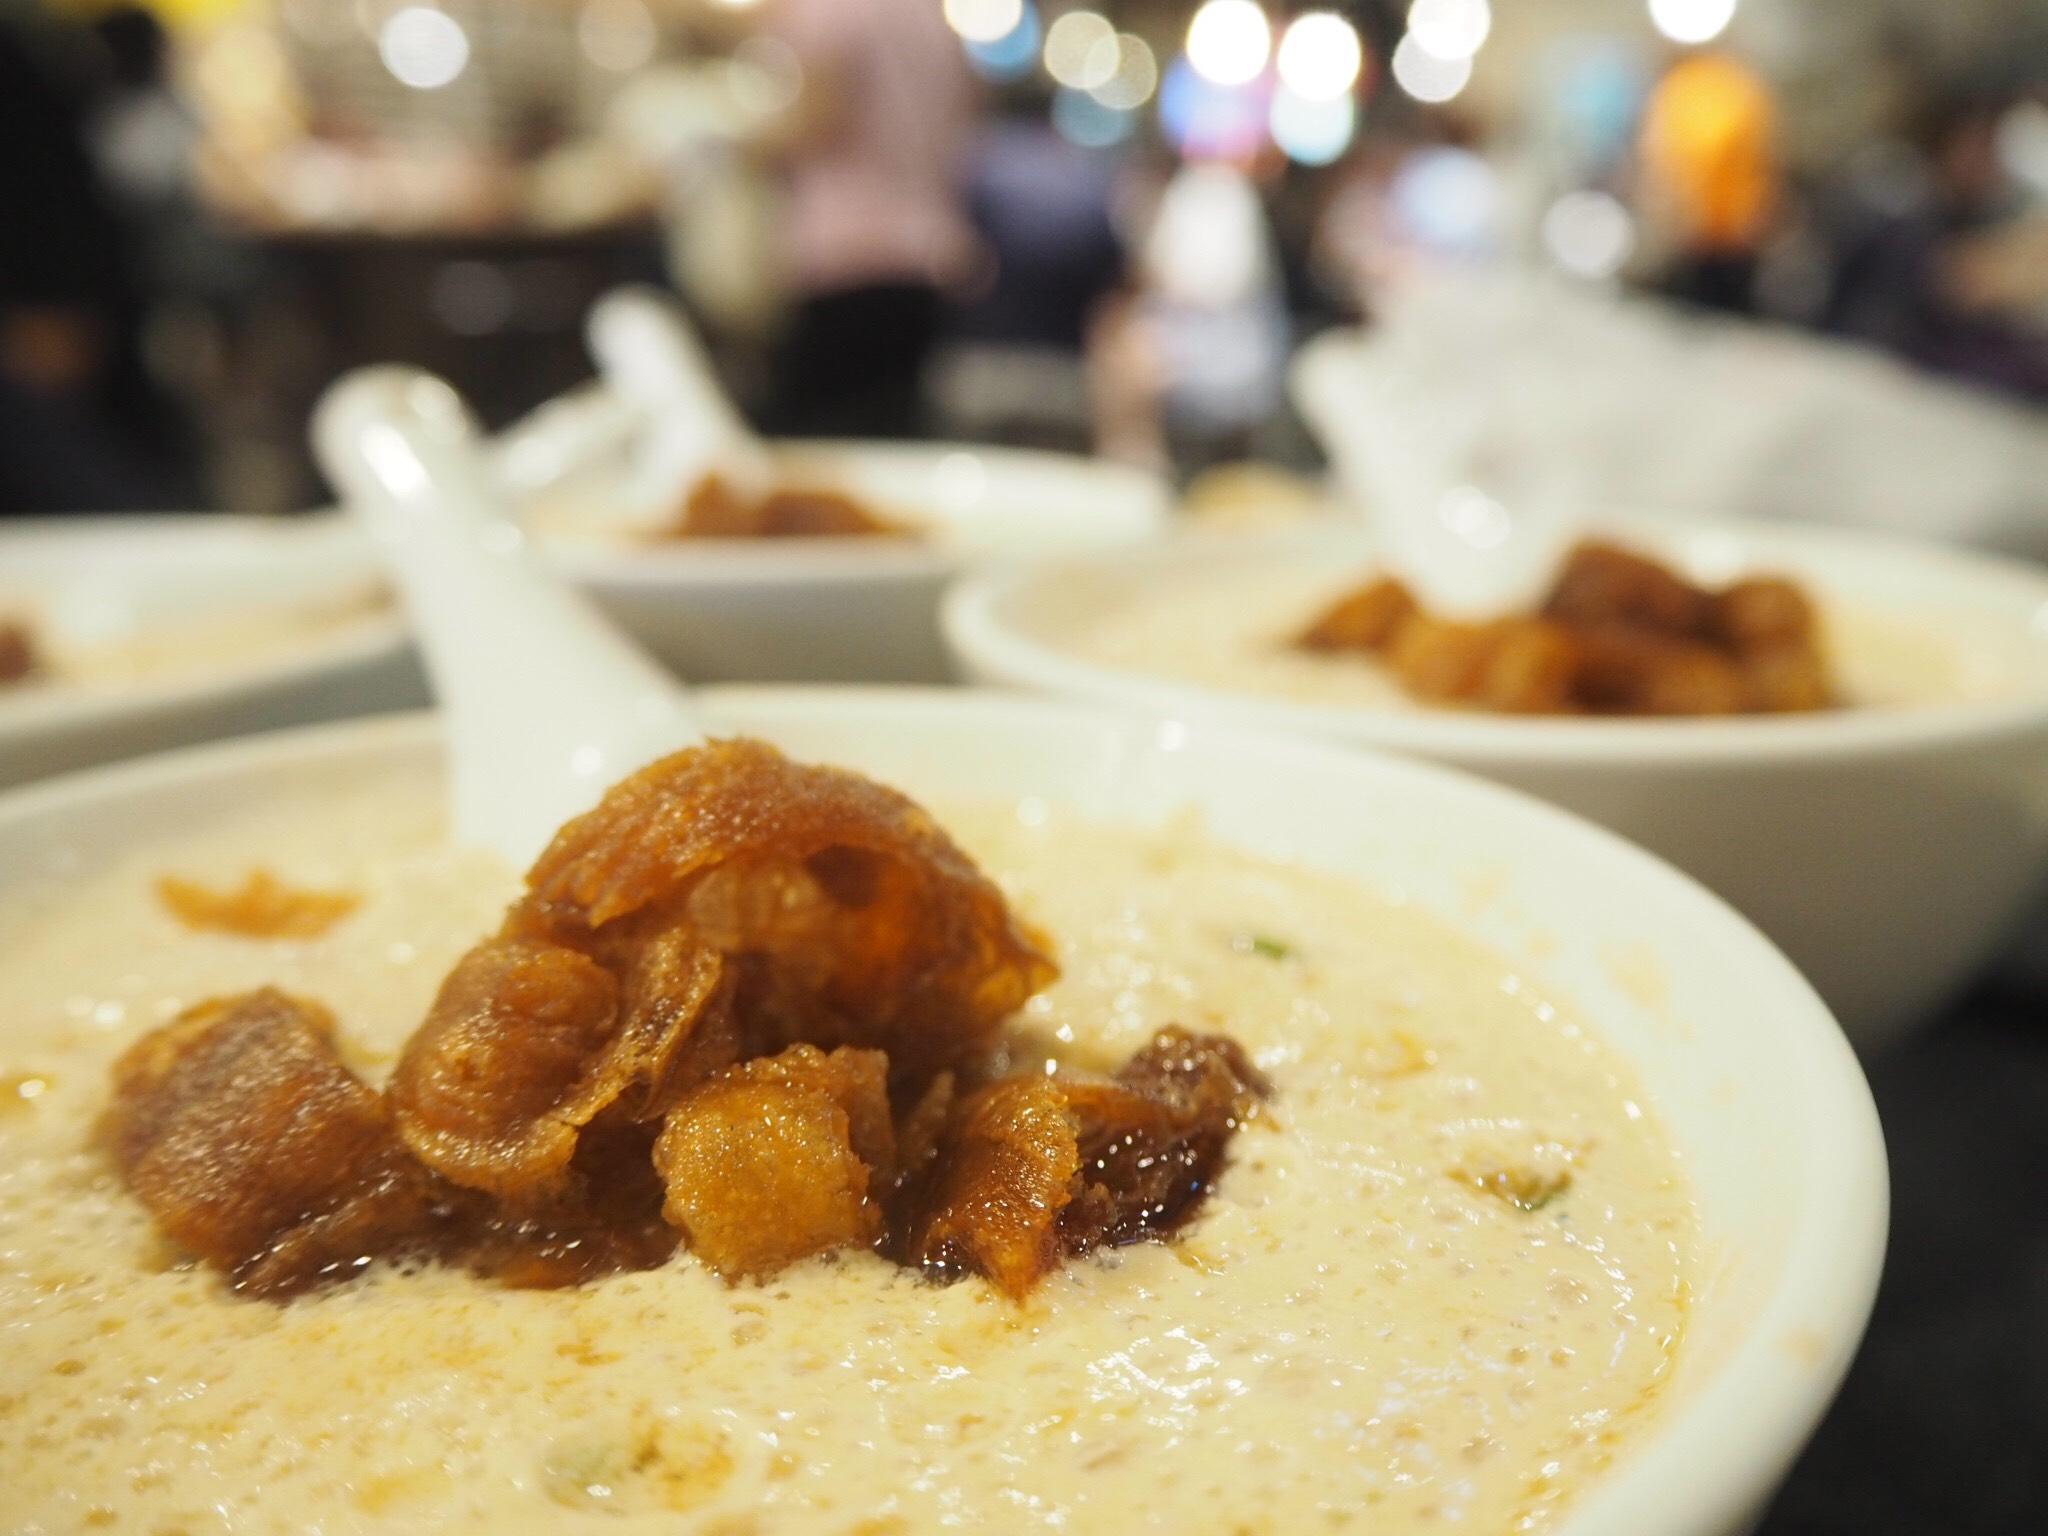 【モーニング】台湾での朝ごはん♪安くて美味&大人気!鹹豆漿って何?